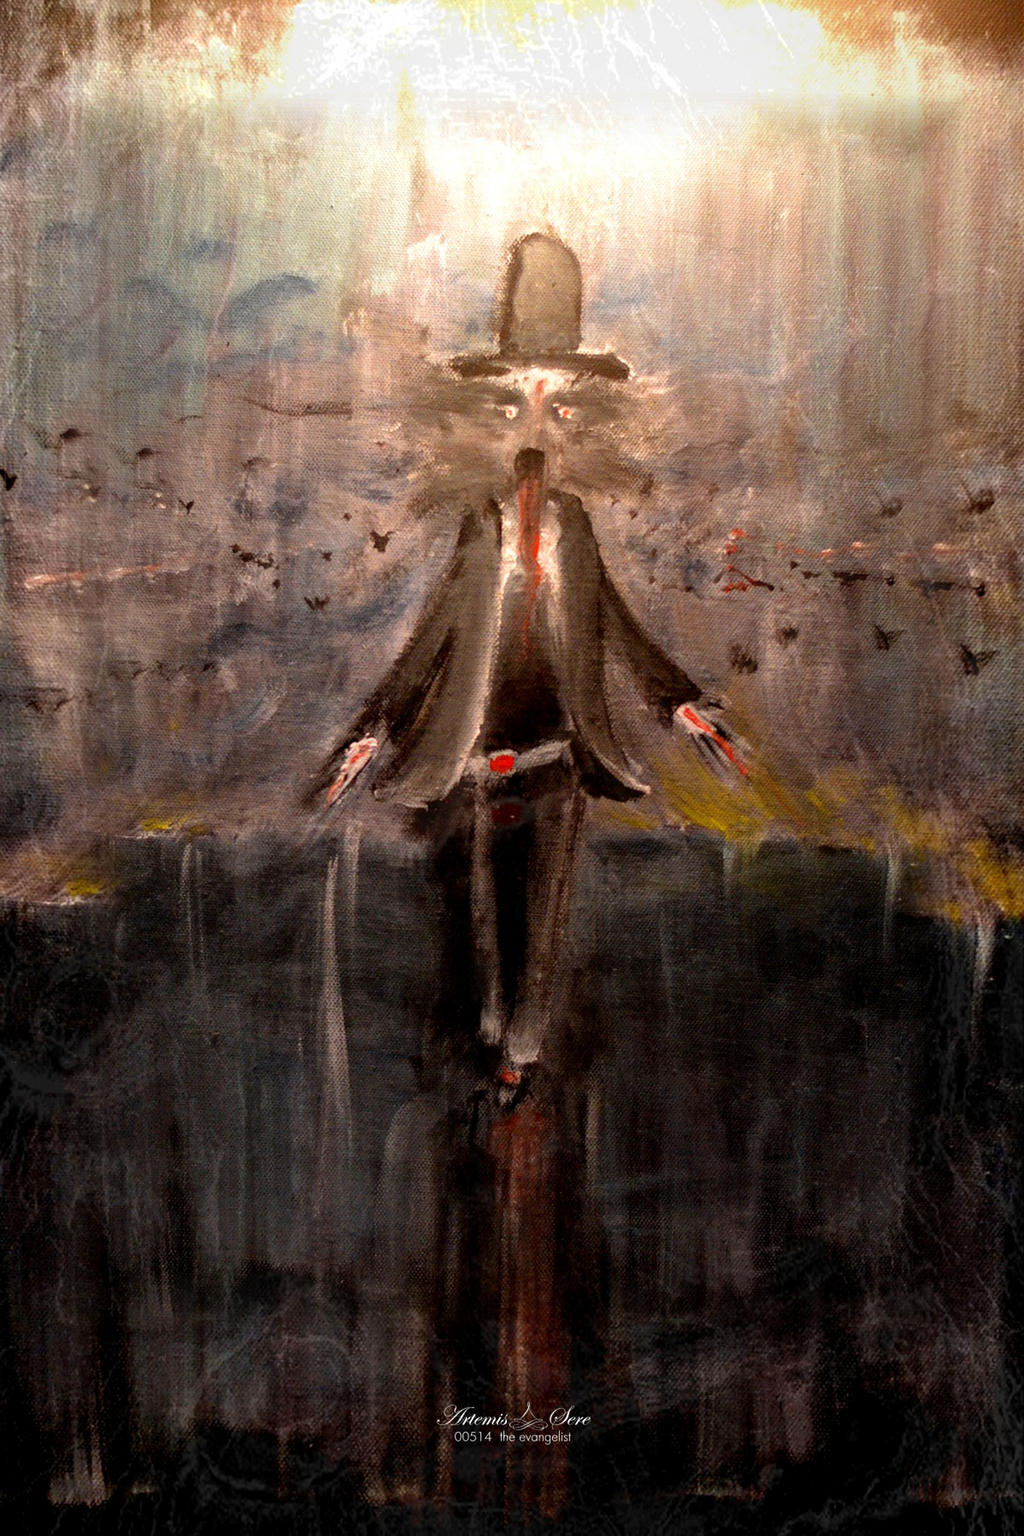 the evangelist by artemissere